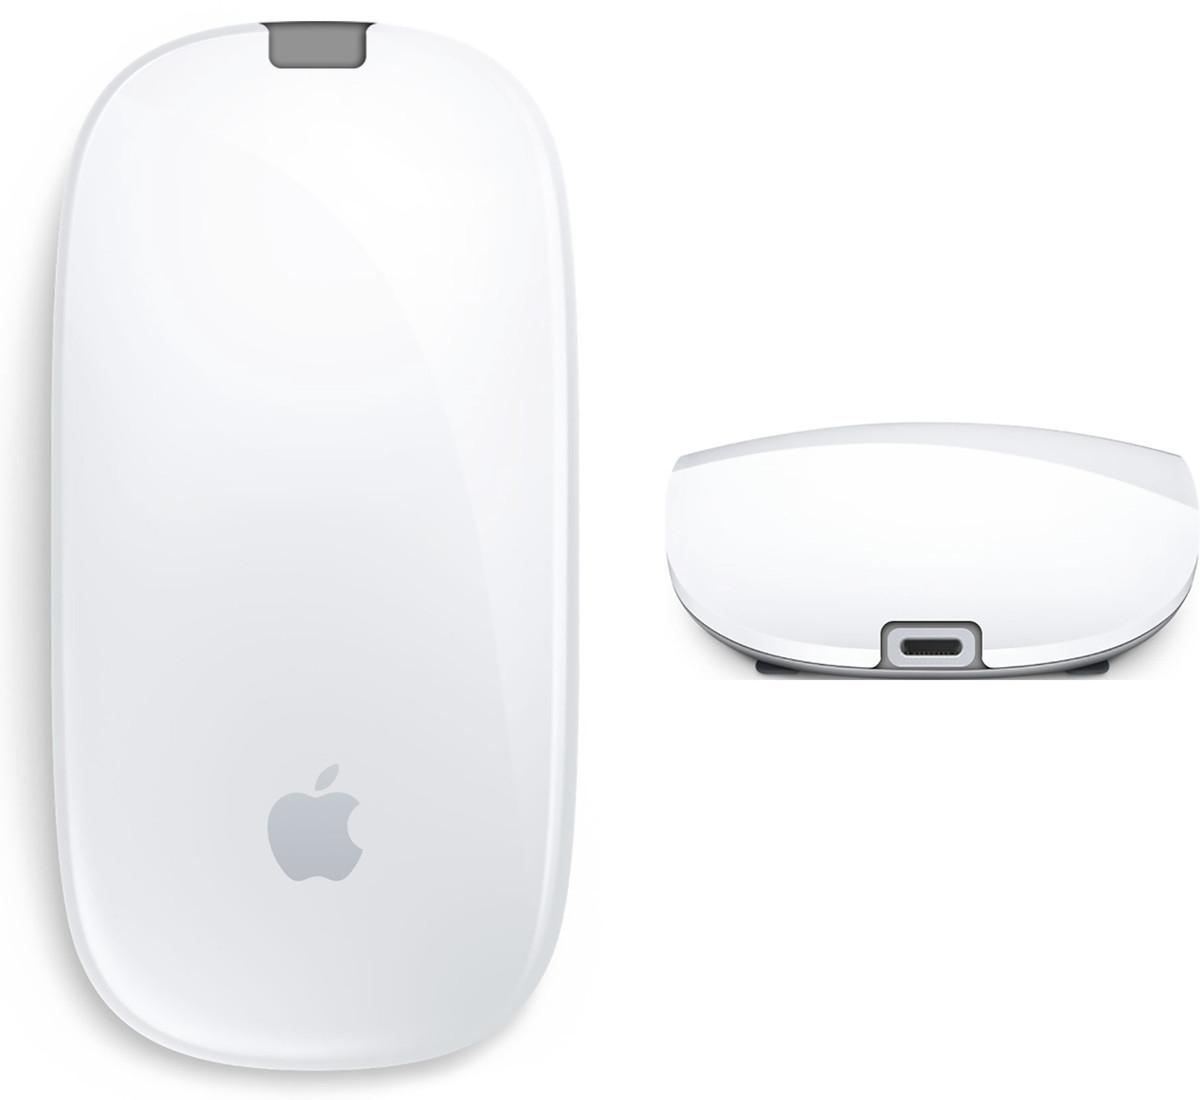 Những góc nhìn rõ nét về Apple Magic Mouse 2